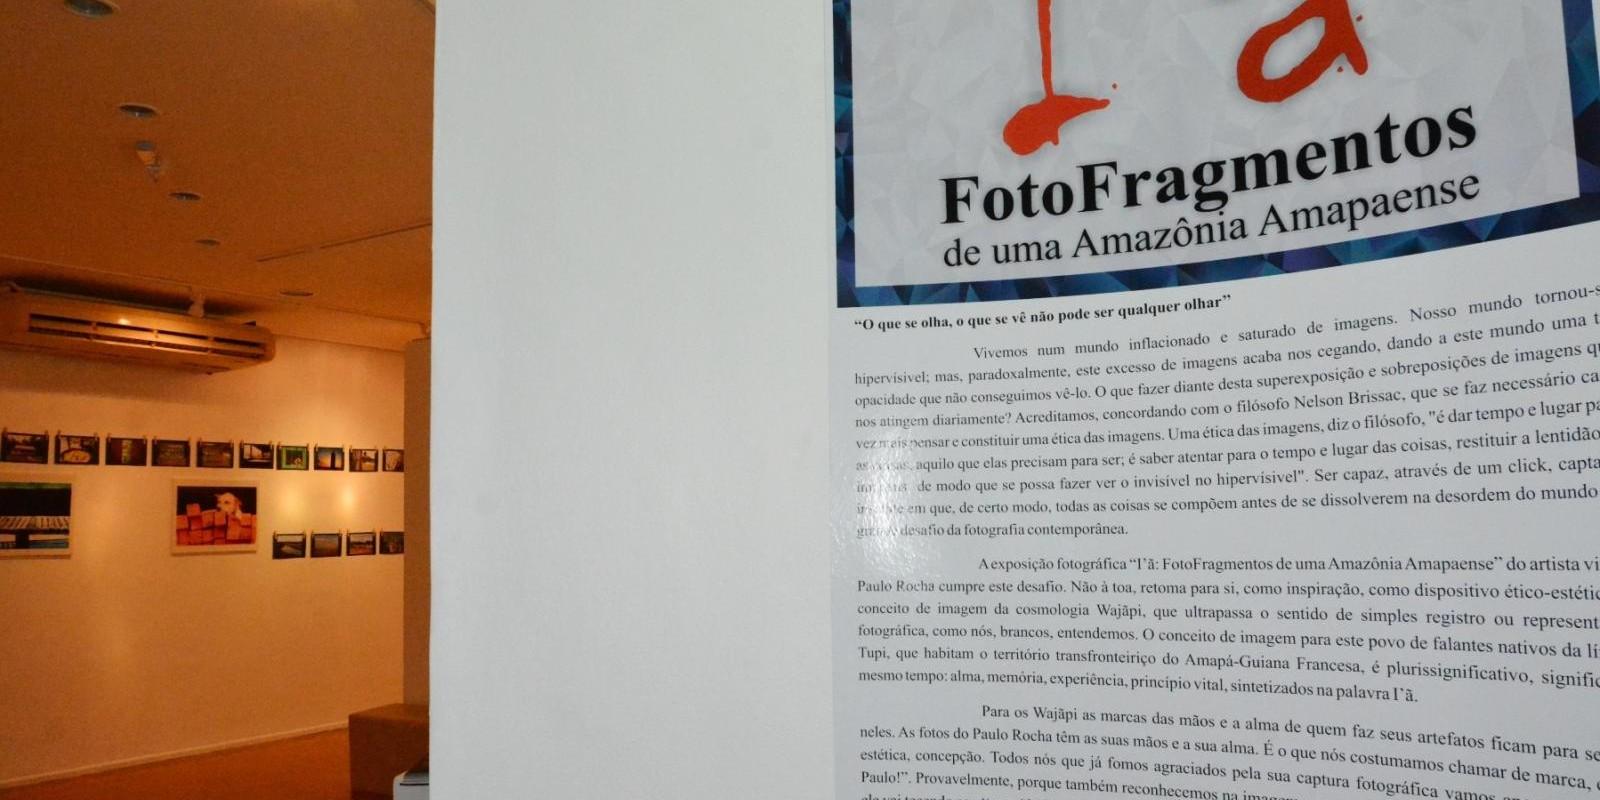 Lançamento exposição: I'ã: Fotofragmentos de uma Amazônia Amapaense